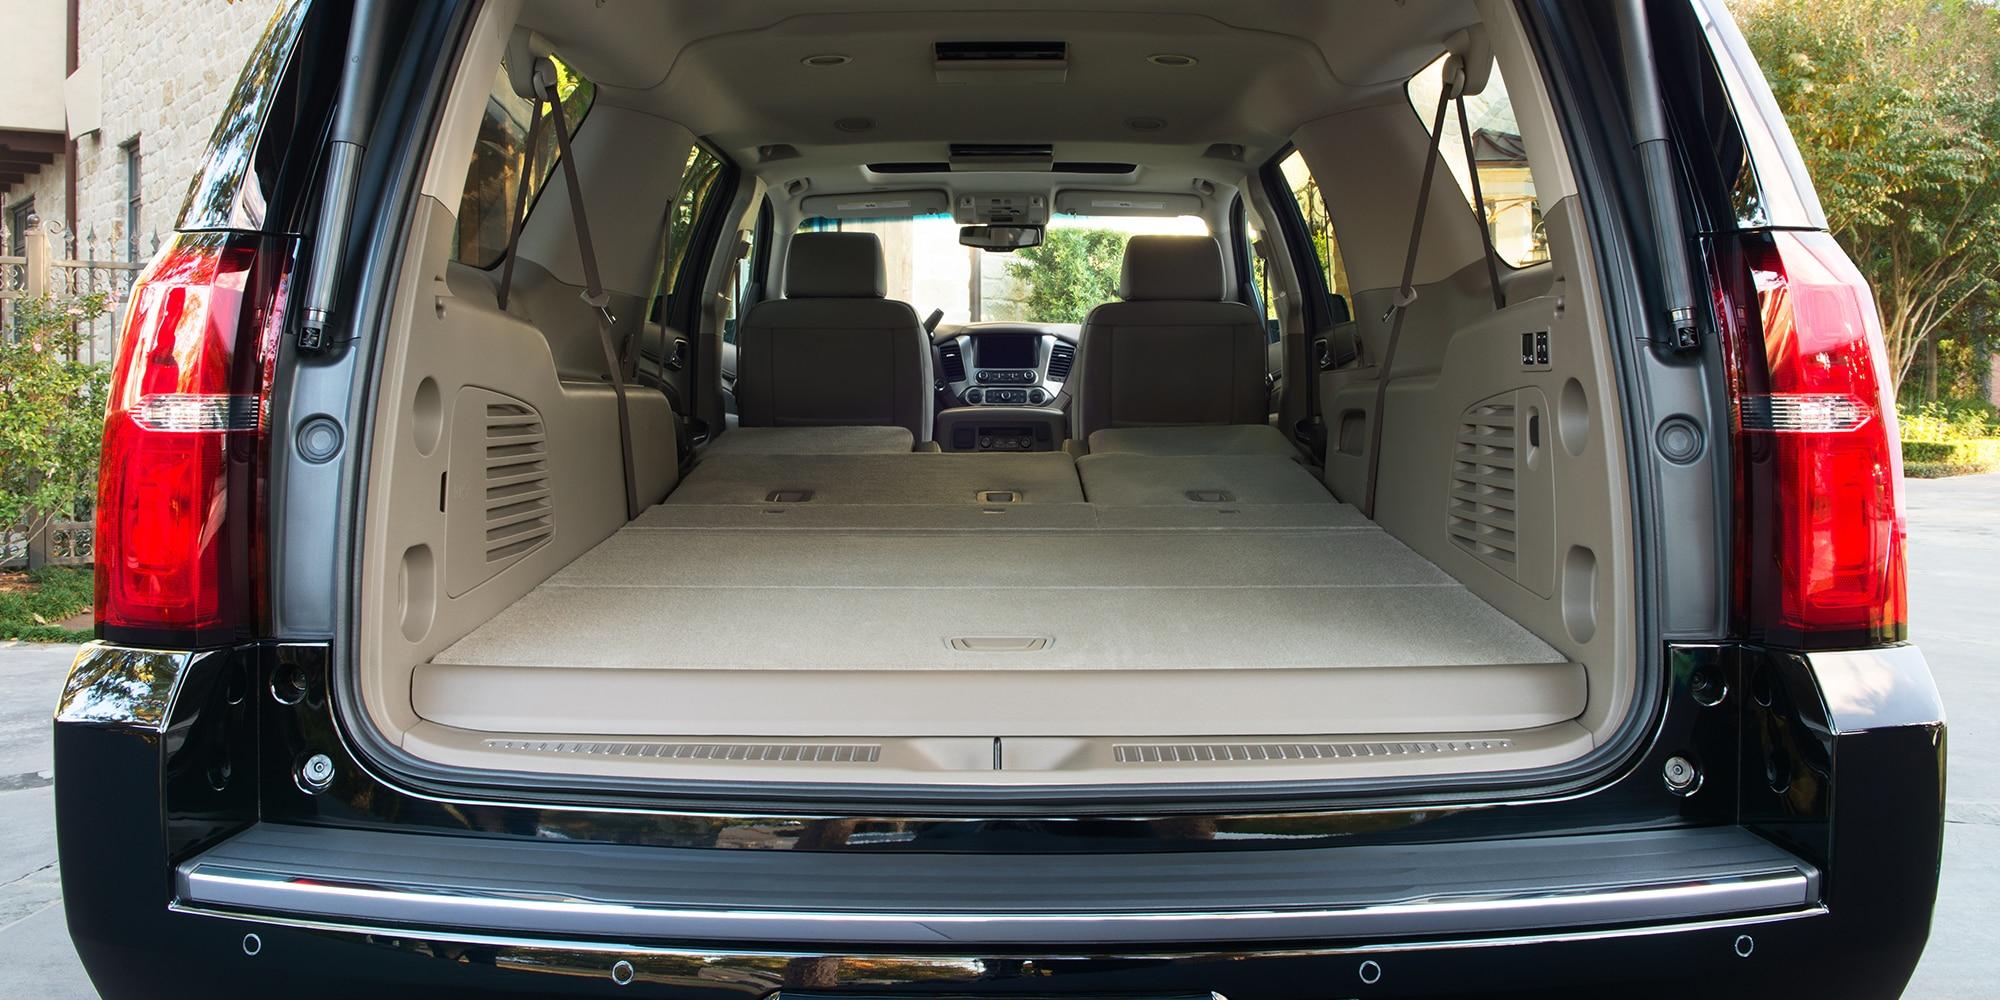 Almacenamiento de carga interior de la SUV grande Suburban 2020